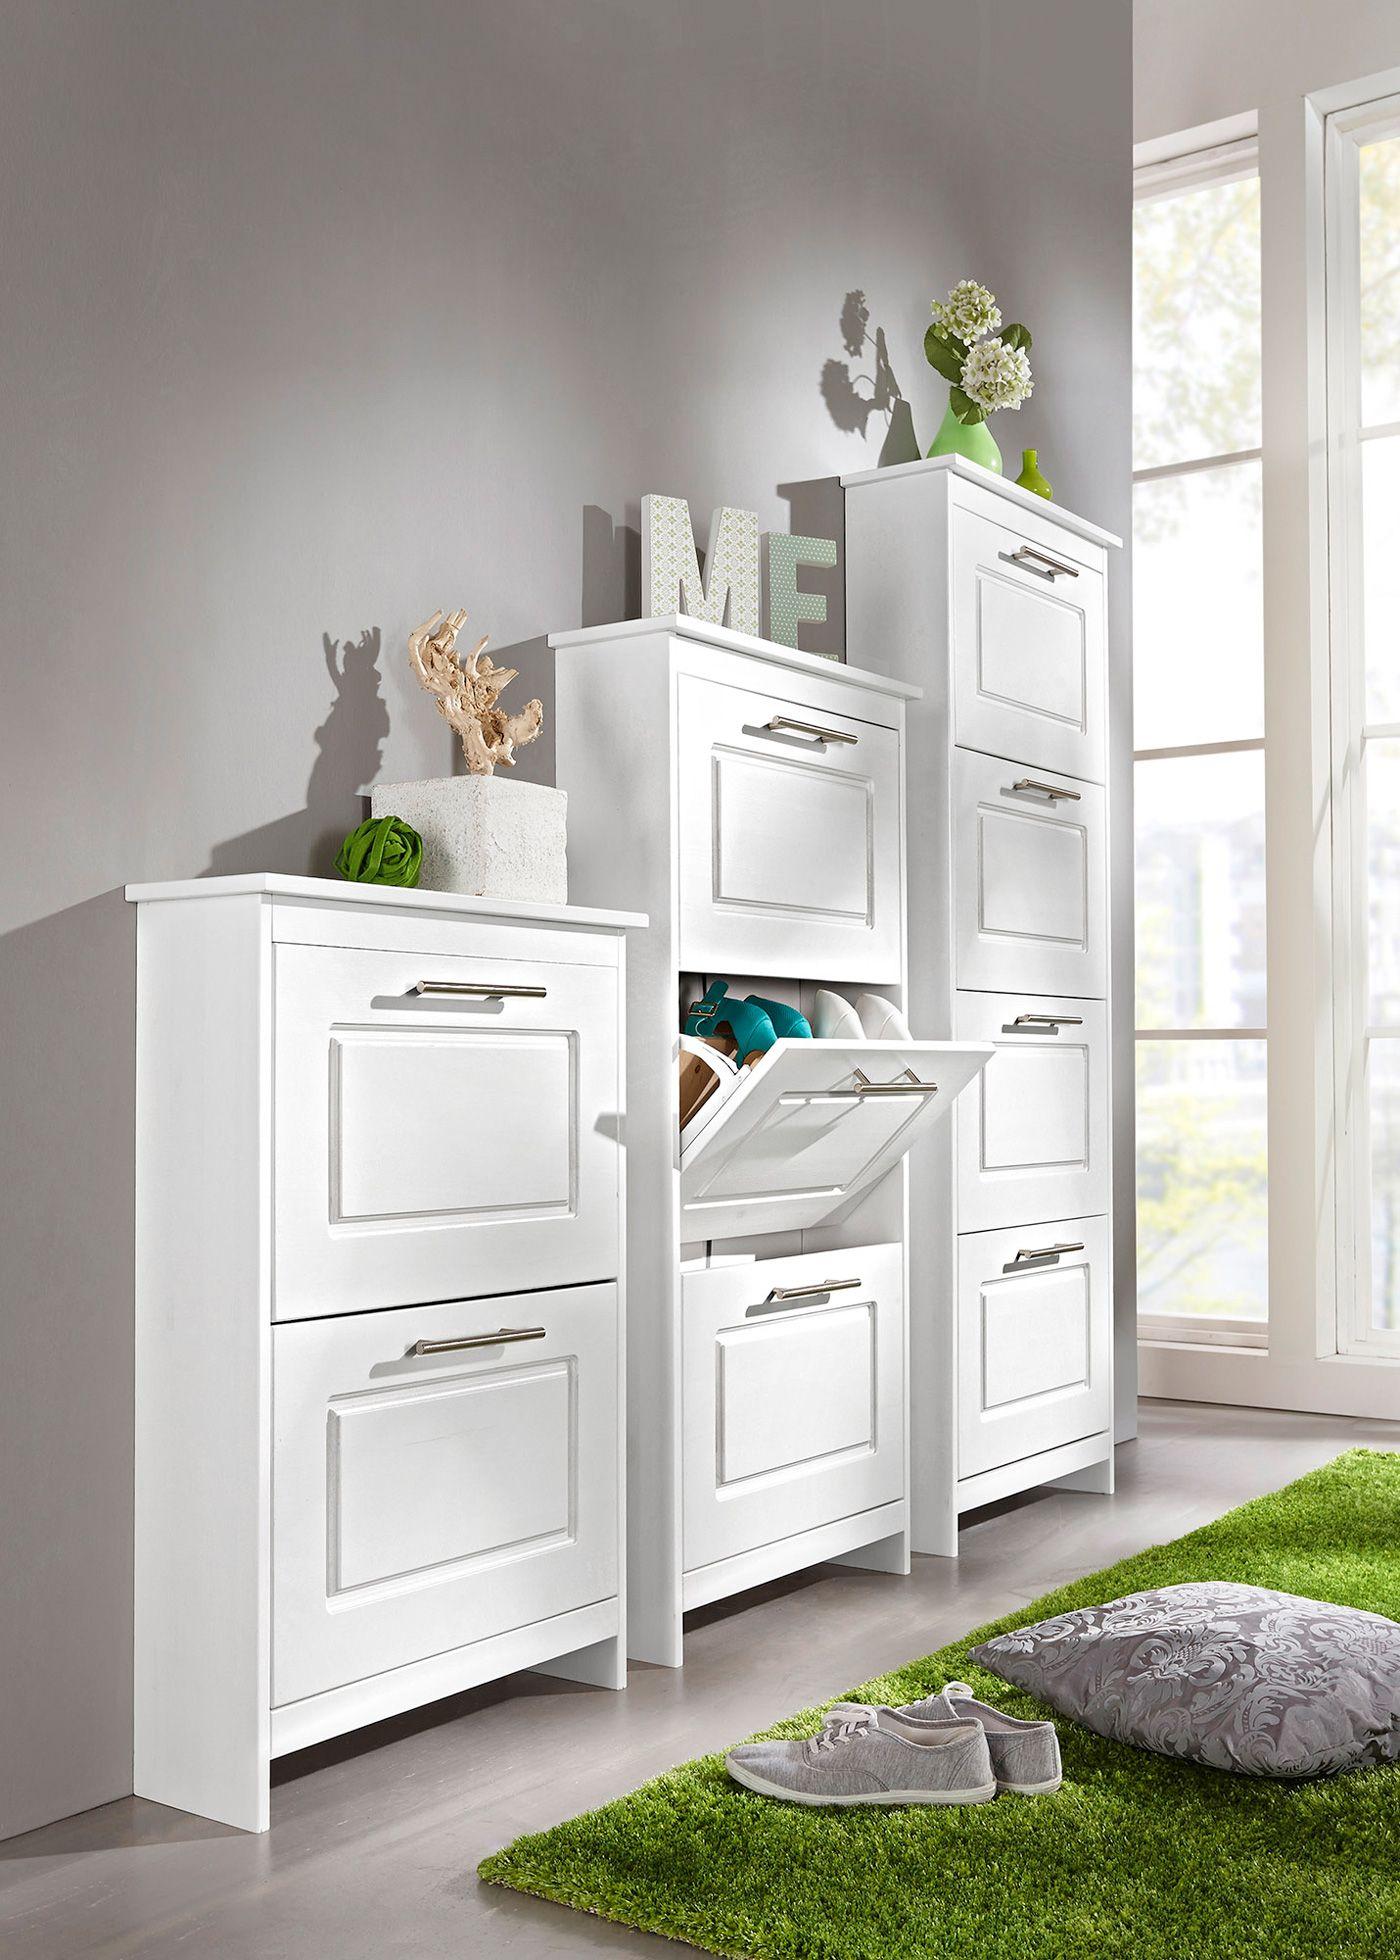 Scarpiera lukas a 3 ante bpc living arredamento casa for Scarpiera design ingresso